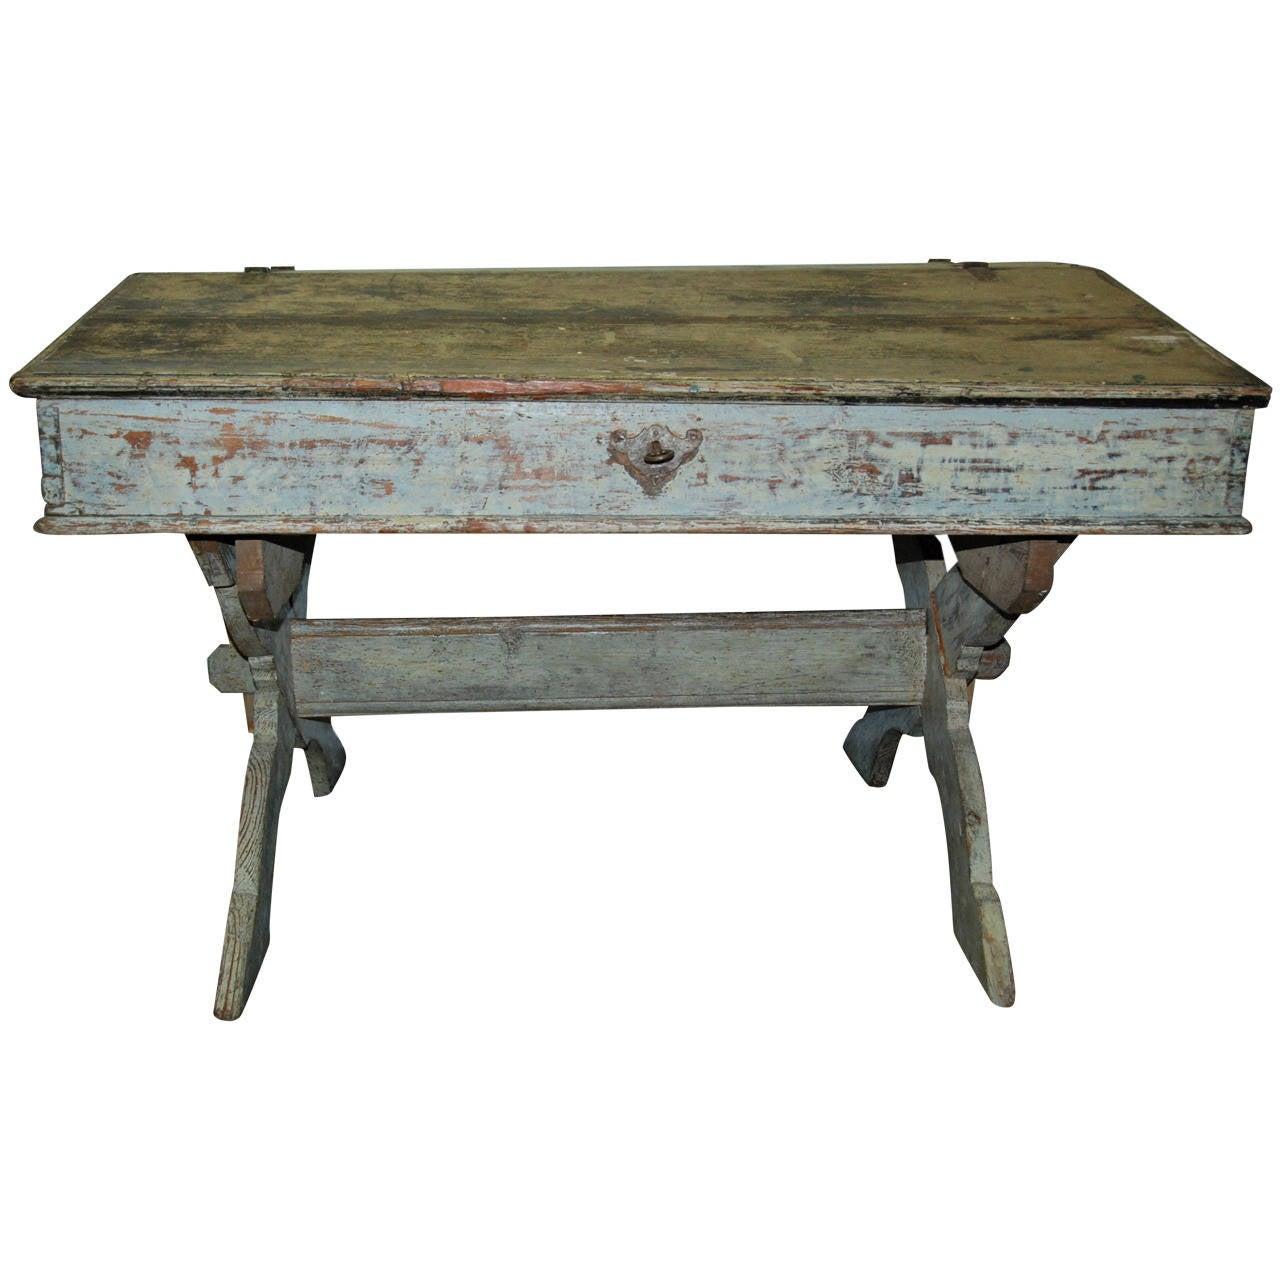 Swedish Partner's Desk